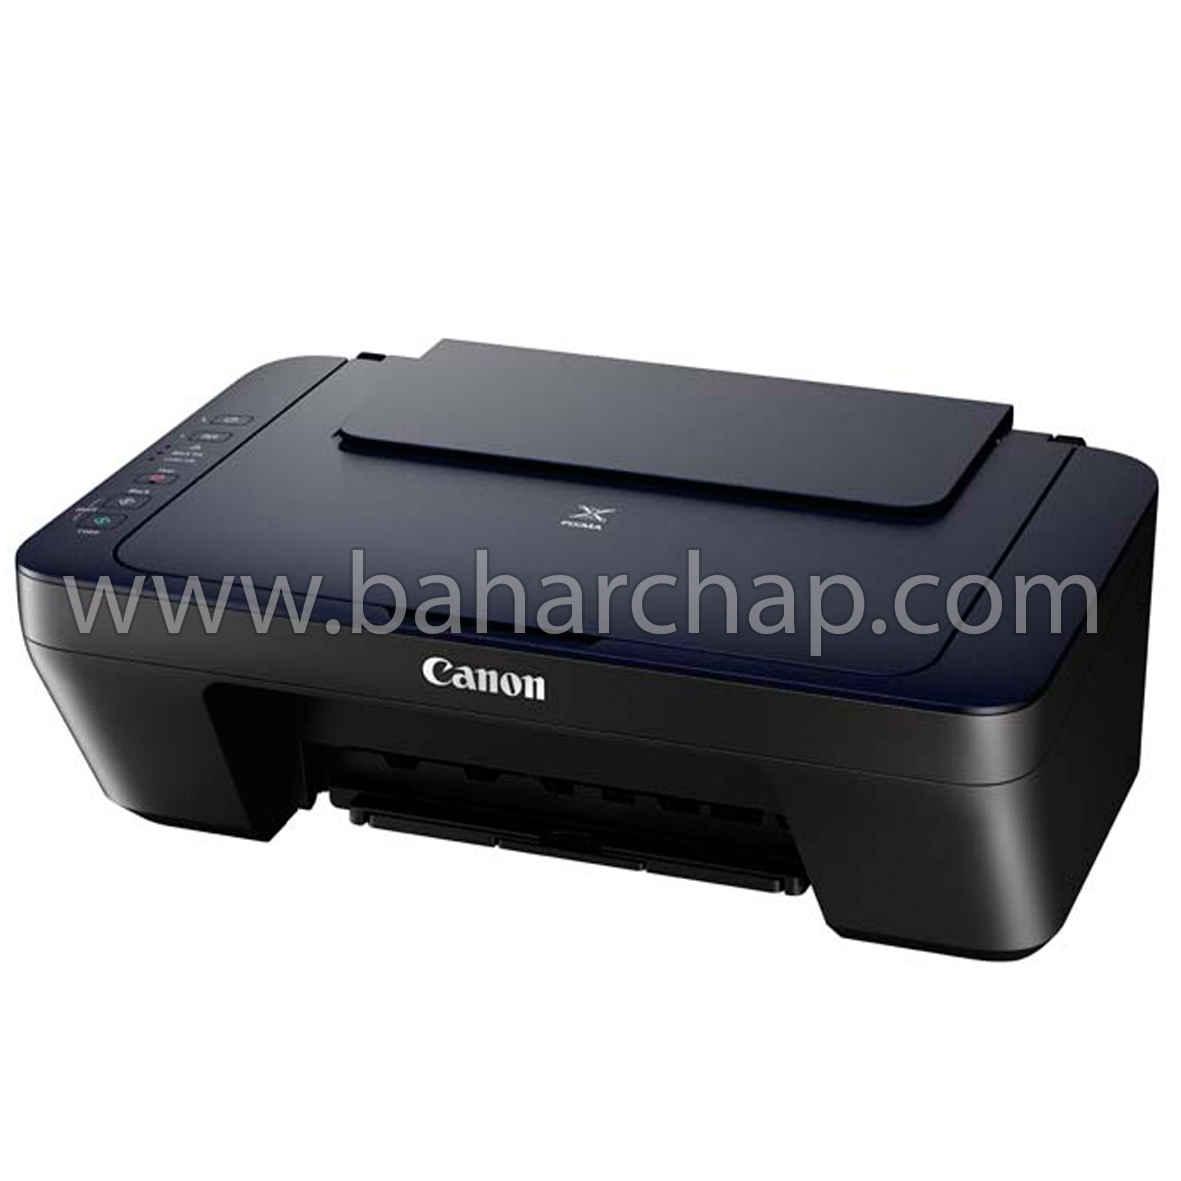 فروشگاه و خدمات اینترنتی بهارچاپ اصفهان-دانلود نرم افزار ریست پرینتر Canon E460-Reset canon by ST4905